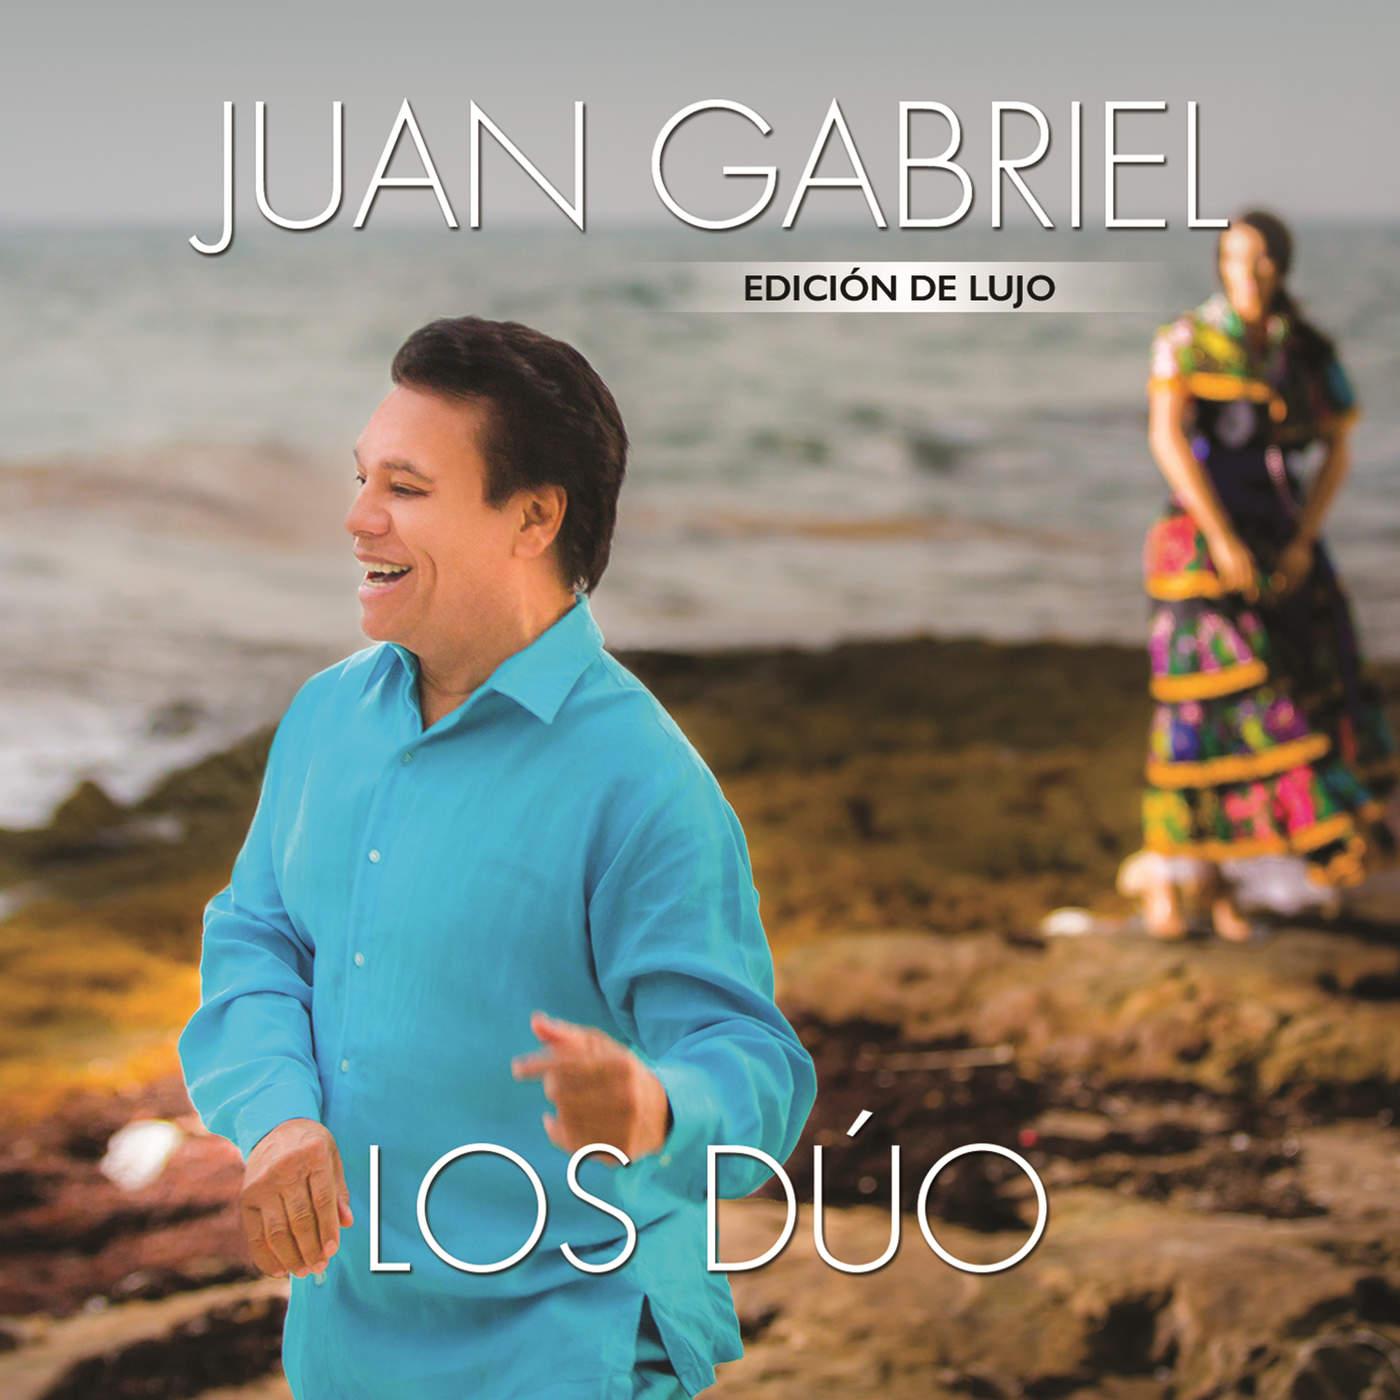 Juan Gabriel – Los Dúo (Deluxe Version) (2015)  [iTunes Plus AAC M4A + M4V]